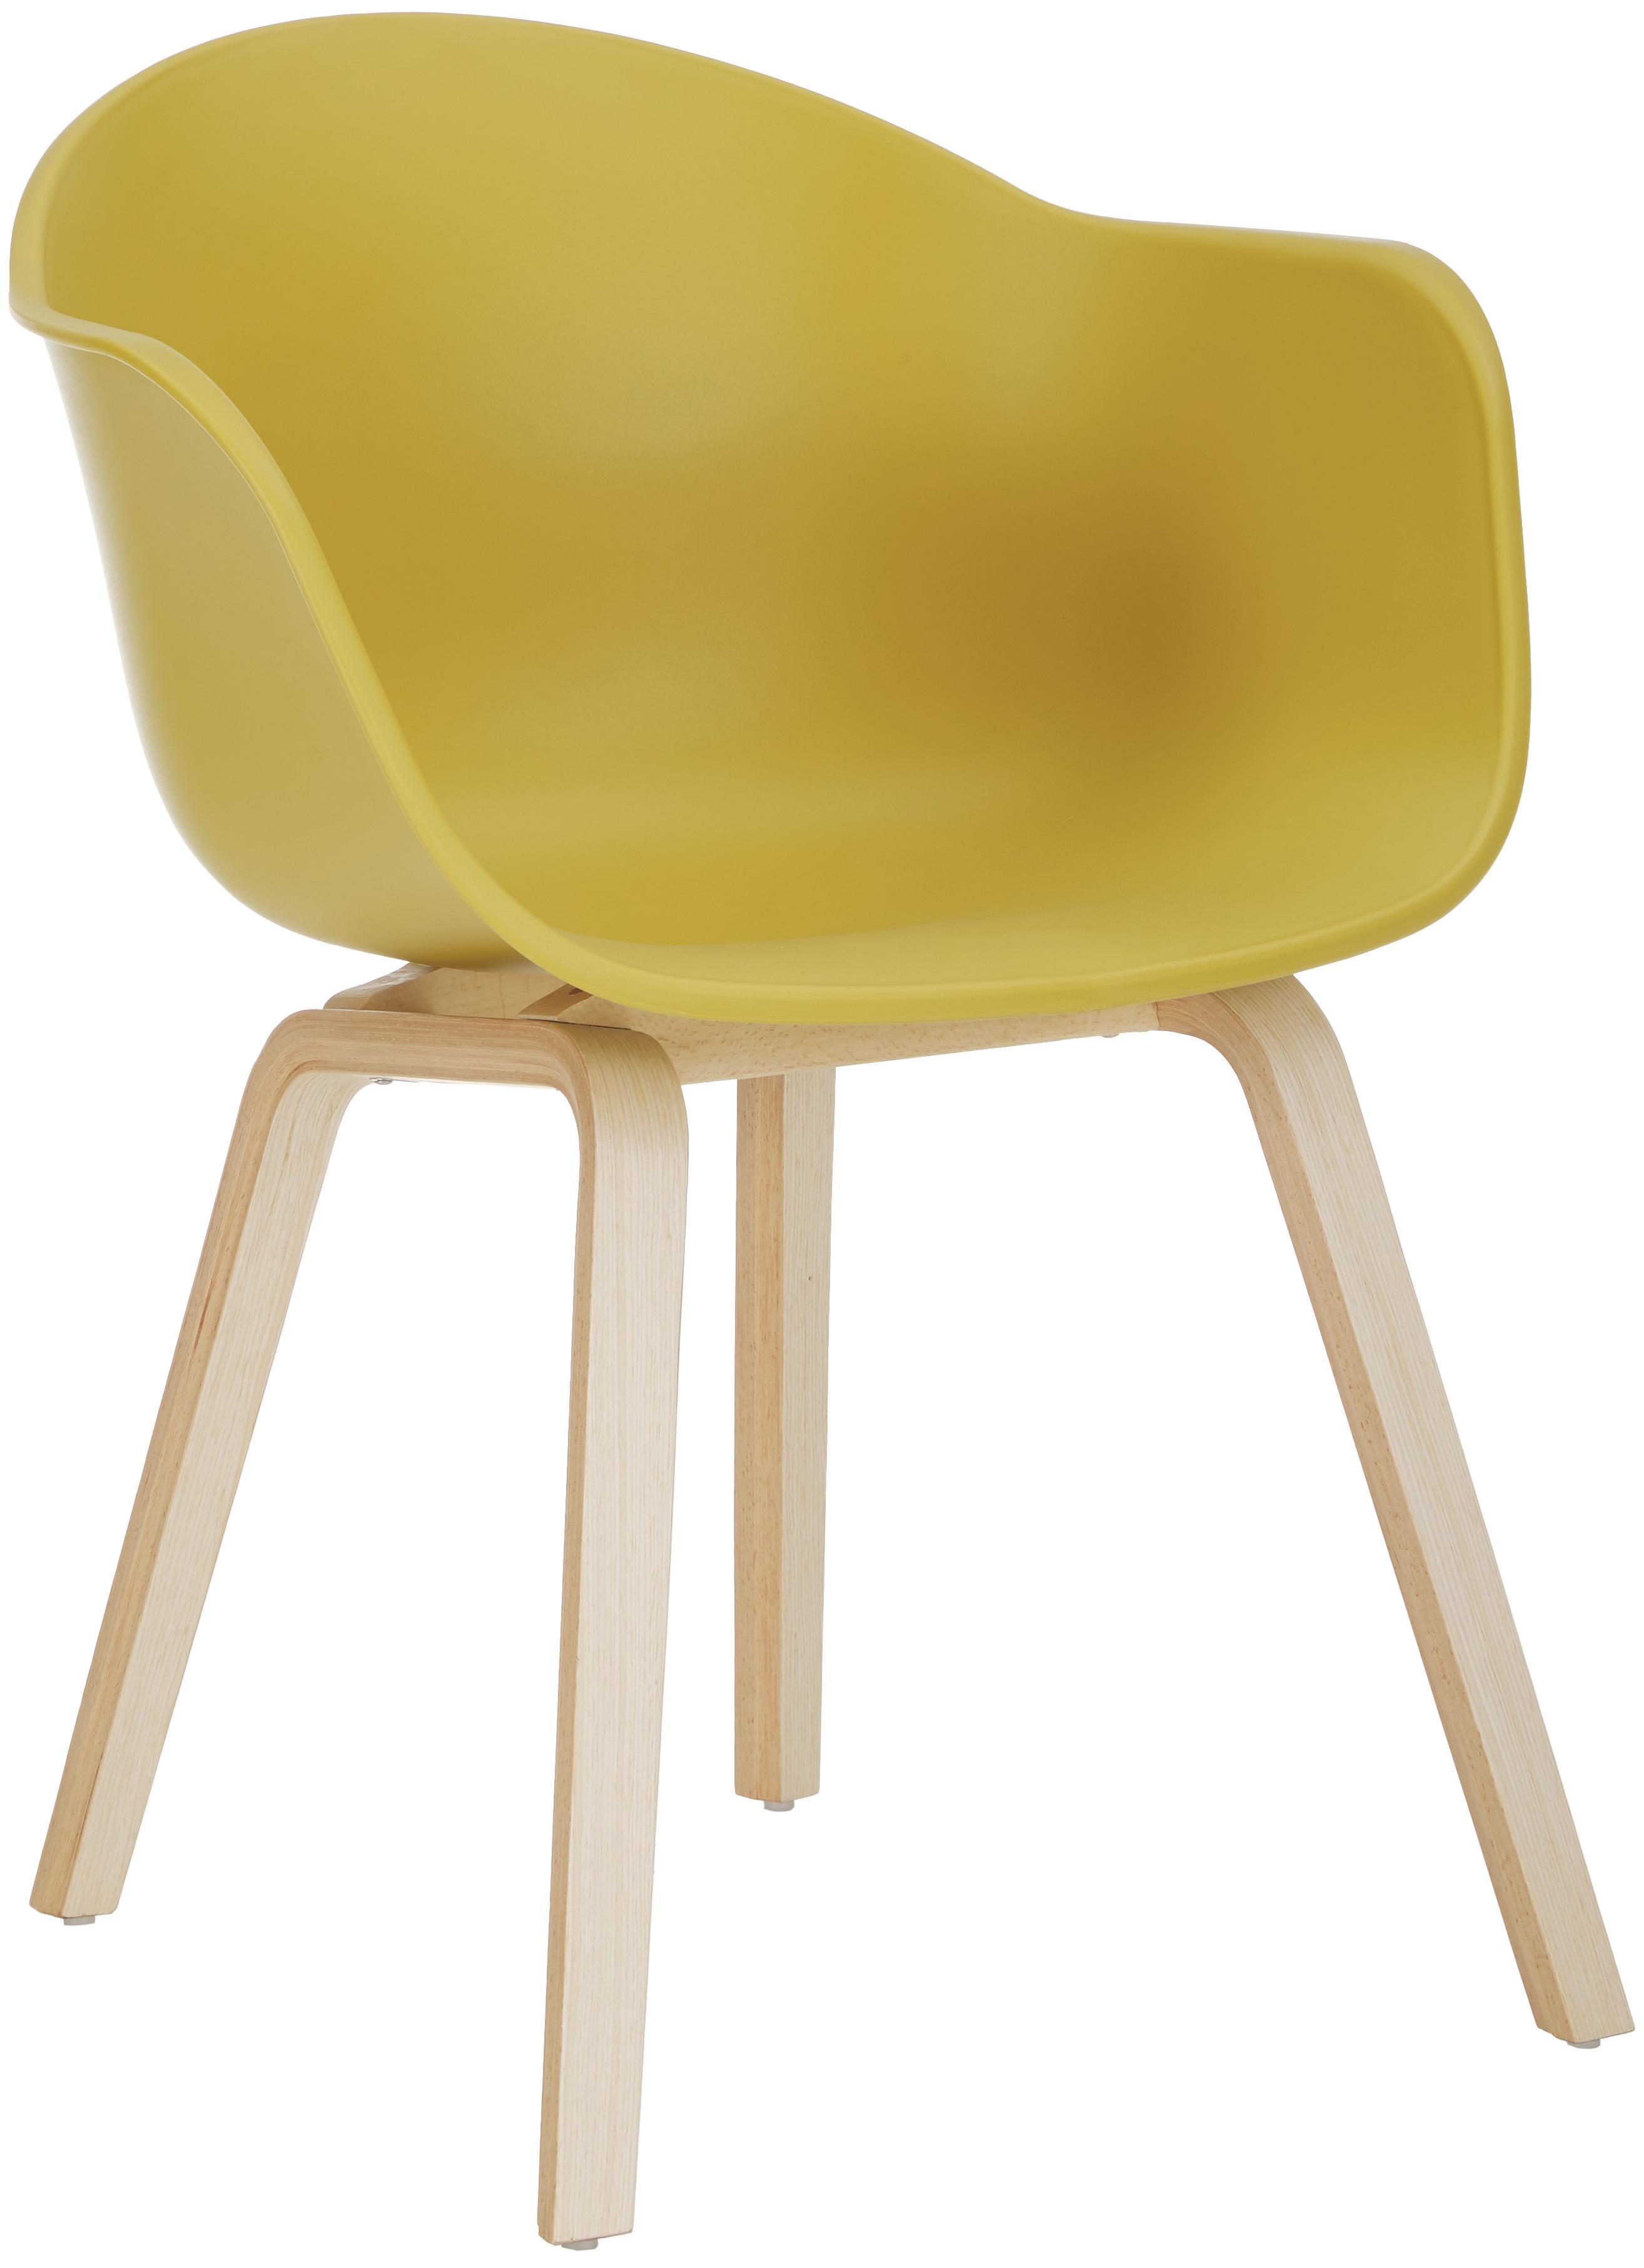 Sedia con braccioli con gambe in legno Claire, Seduta: materiale sintetico, Gambe: legno di faggio, Scocca: giallo Gambe: legno di faggio, Larg. 54 x Prof. 60 cm